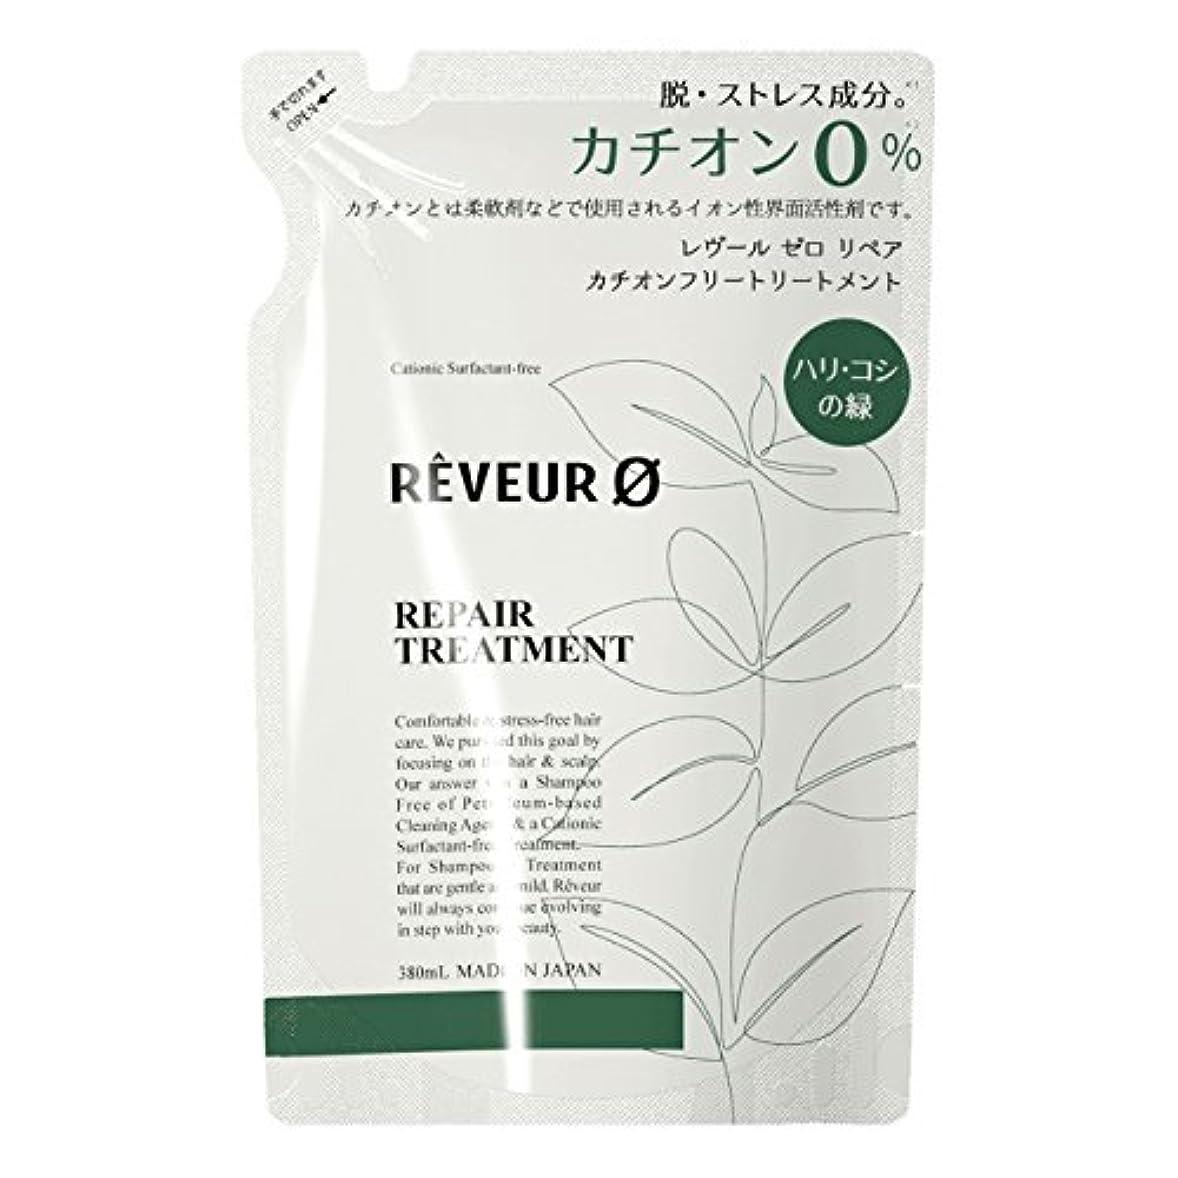 Reveur0(レヴール ゼロ) リペア カチオンフリー トリートメント 〈詰替〉 (380mL)